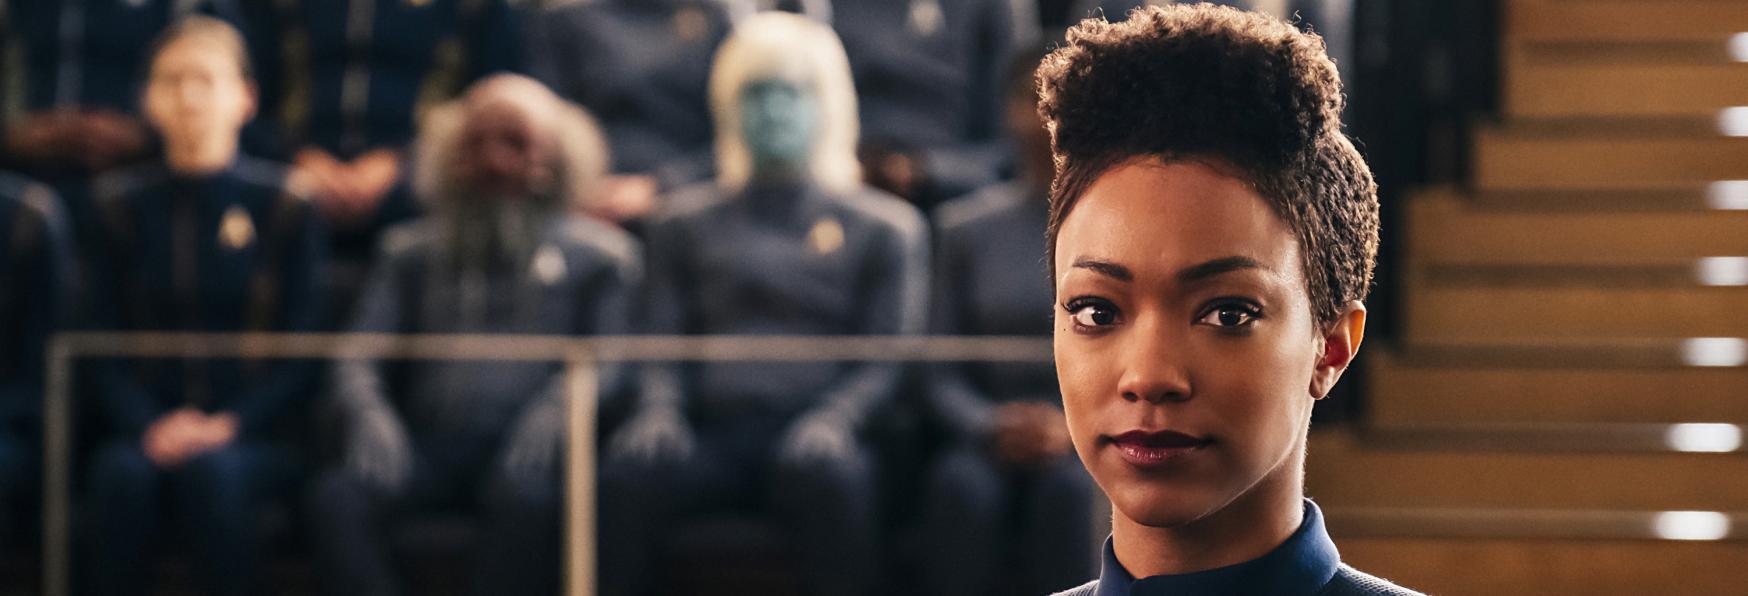 Star Trek: Discovery - La Terza Stagione potrebbe arrivare Prima del Previsto